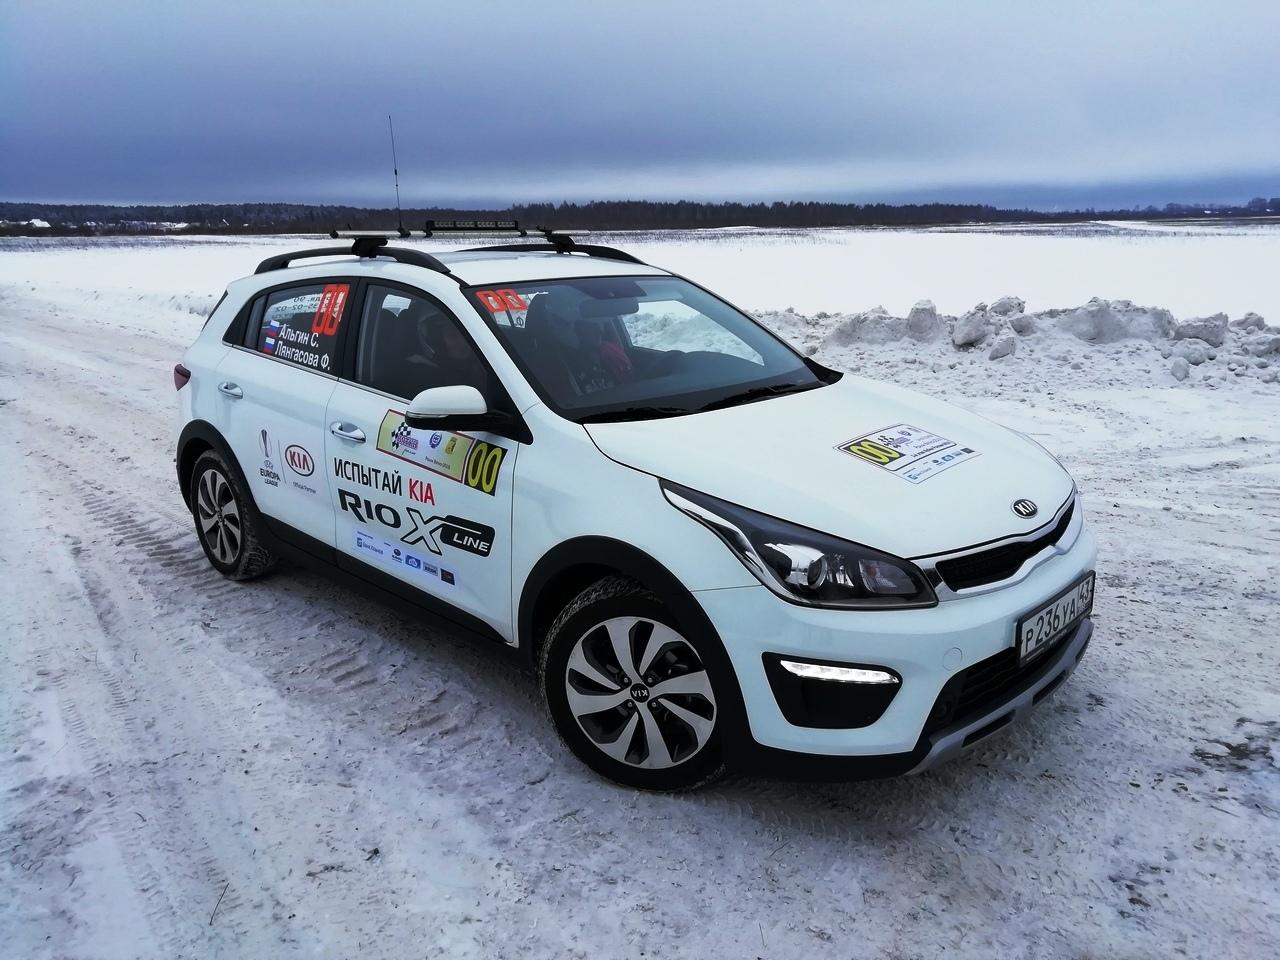 Автомобили КИА-Центра Гусар открыли 1 этап кубка России по ралли